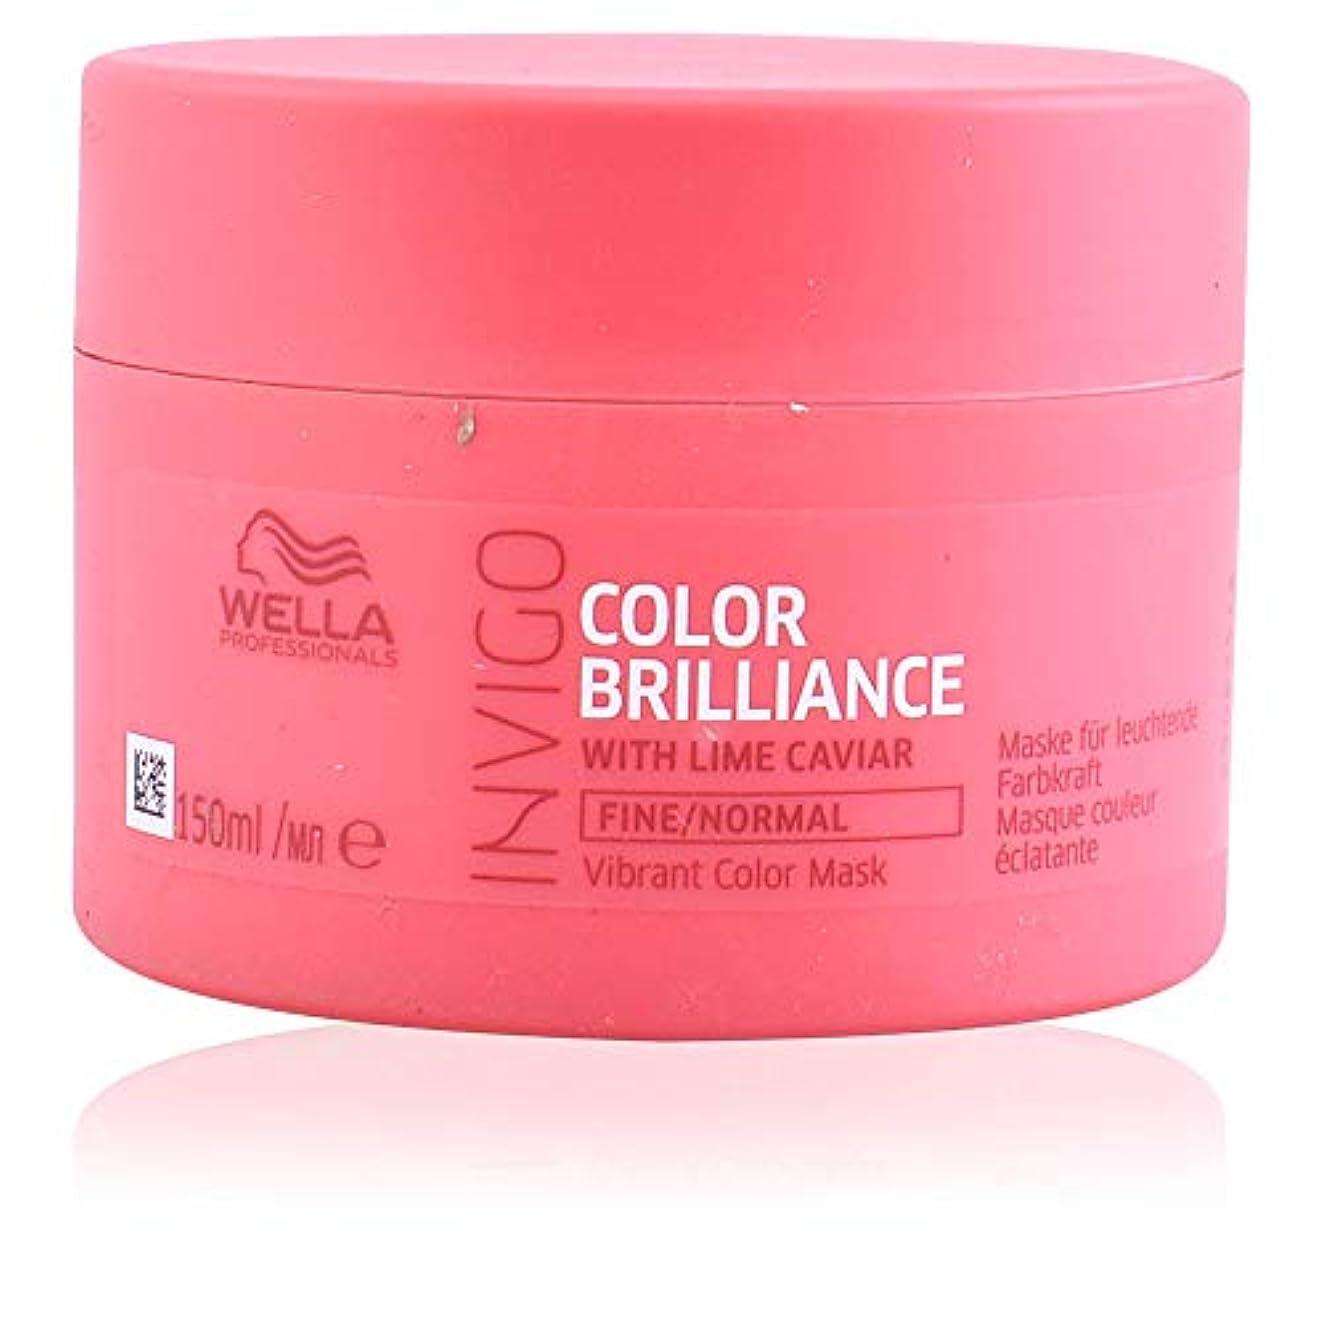 維持机豊かなウエラ インヴィゴ ファイン/ノーマル カラー マスク Wella Invigo Color Brilliance With Lime Caviar Fine/Normal Vibrant Color Mask 150...